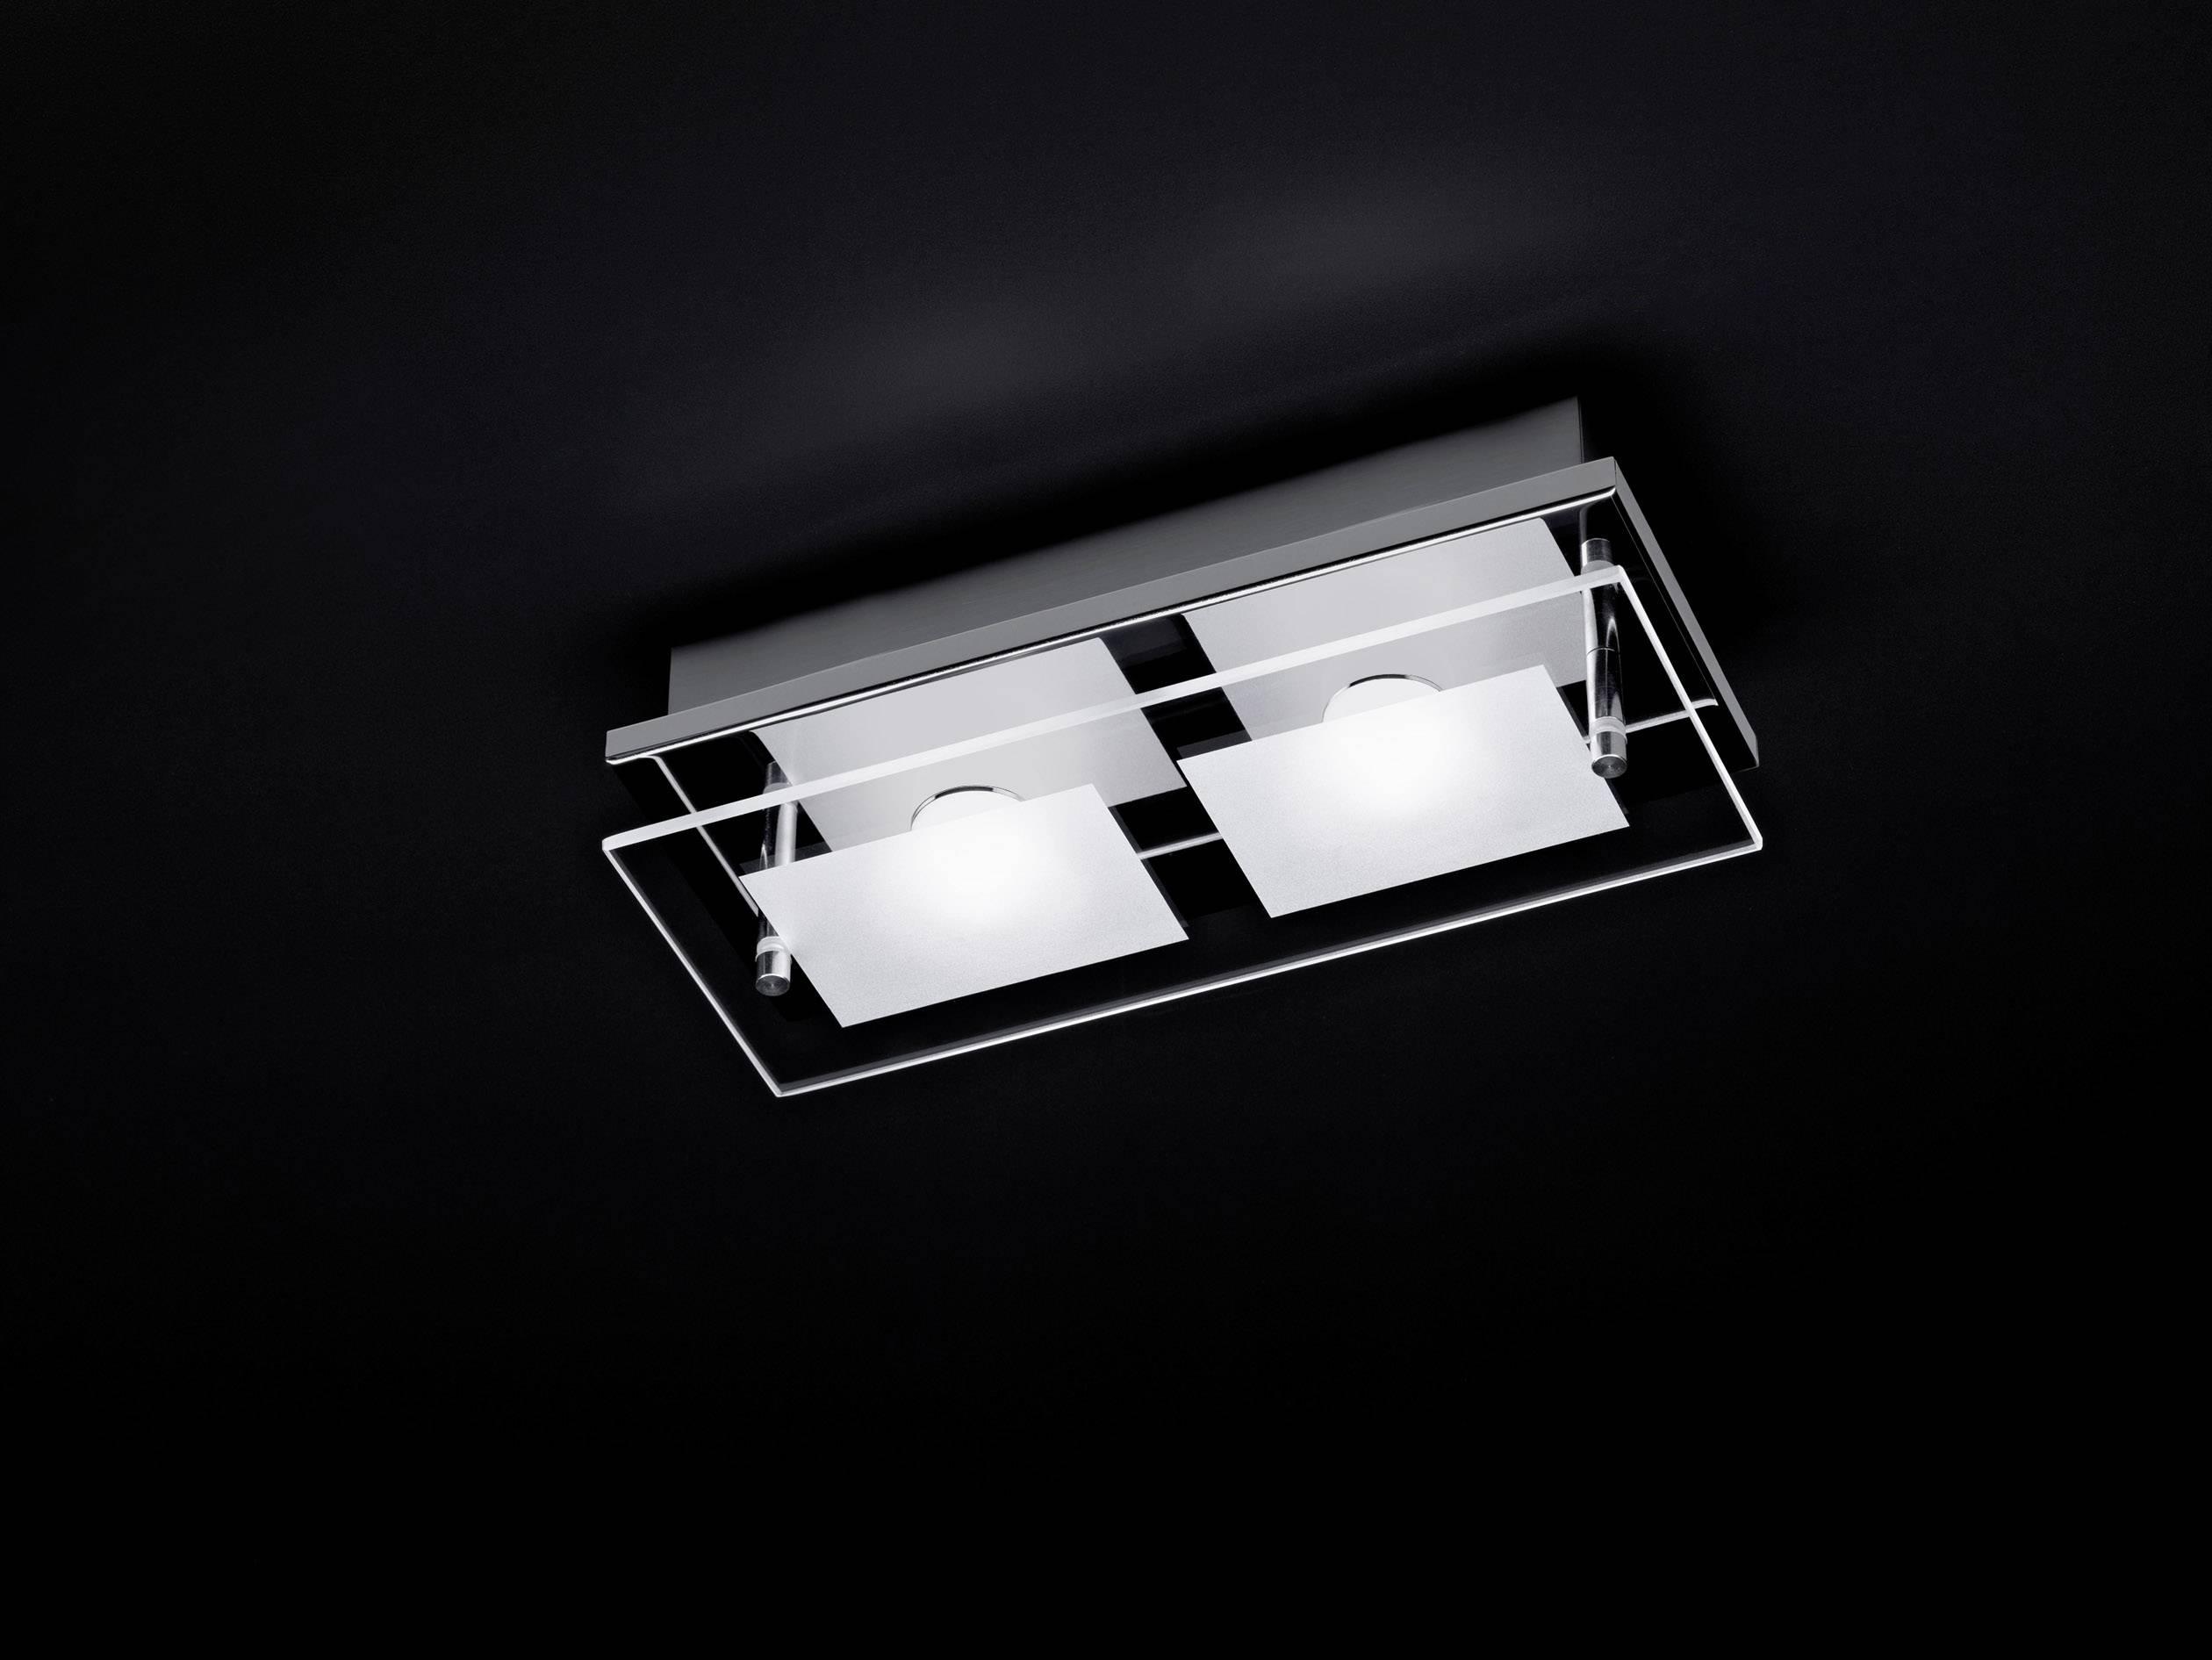 LED koupelnové stropní světlo Paul Neuhaus Chiron 6866-17, 6.6 W, teplá bílá, chrom